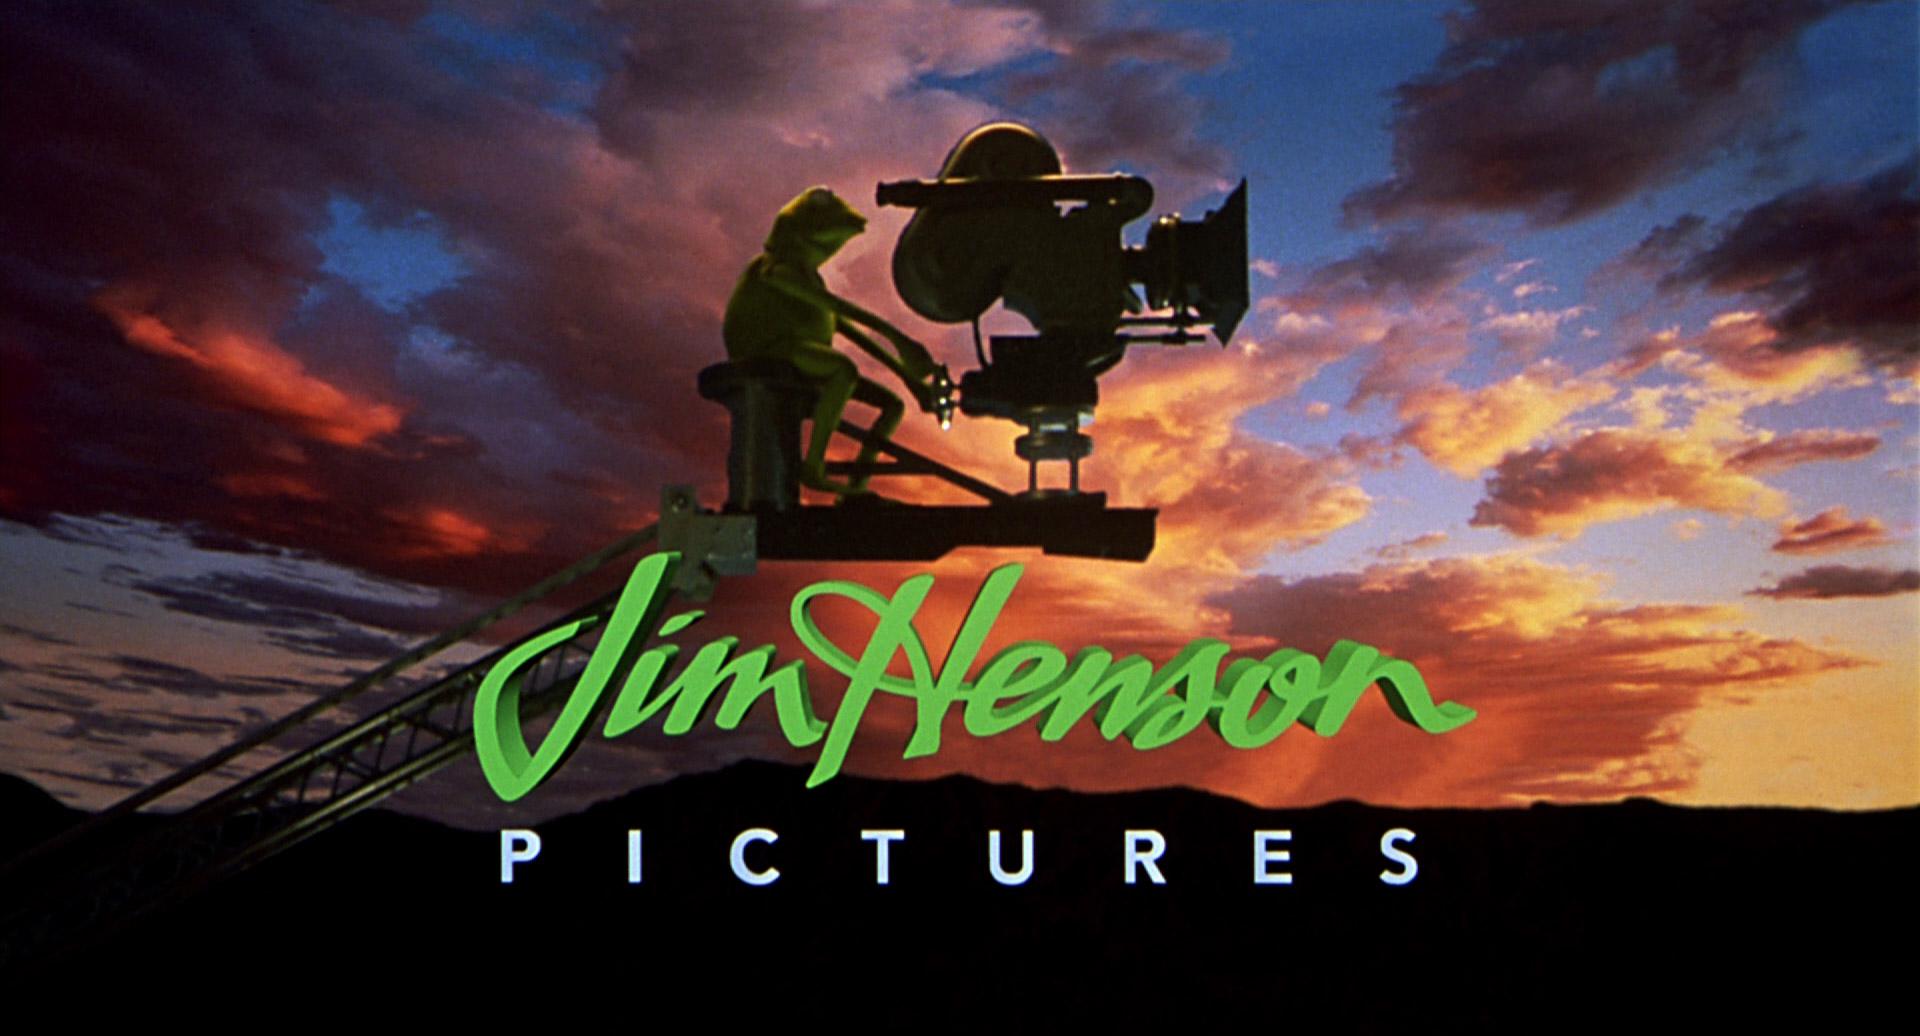 Jim_Henson_Pictures_logo.jpg